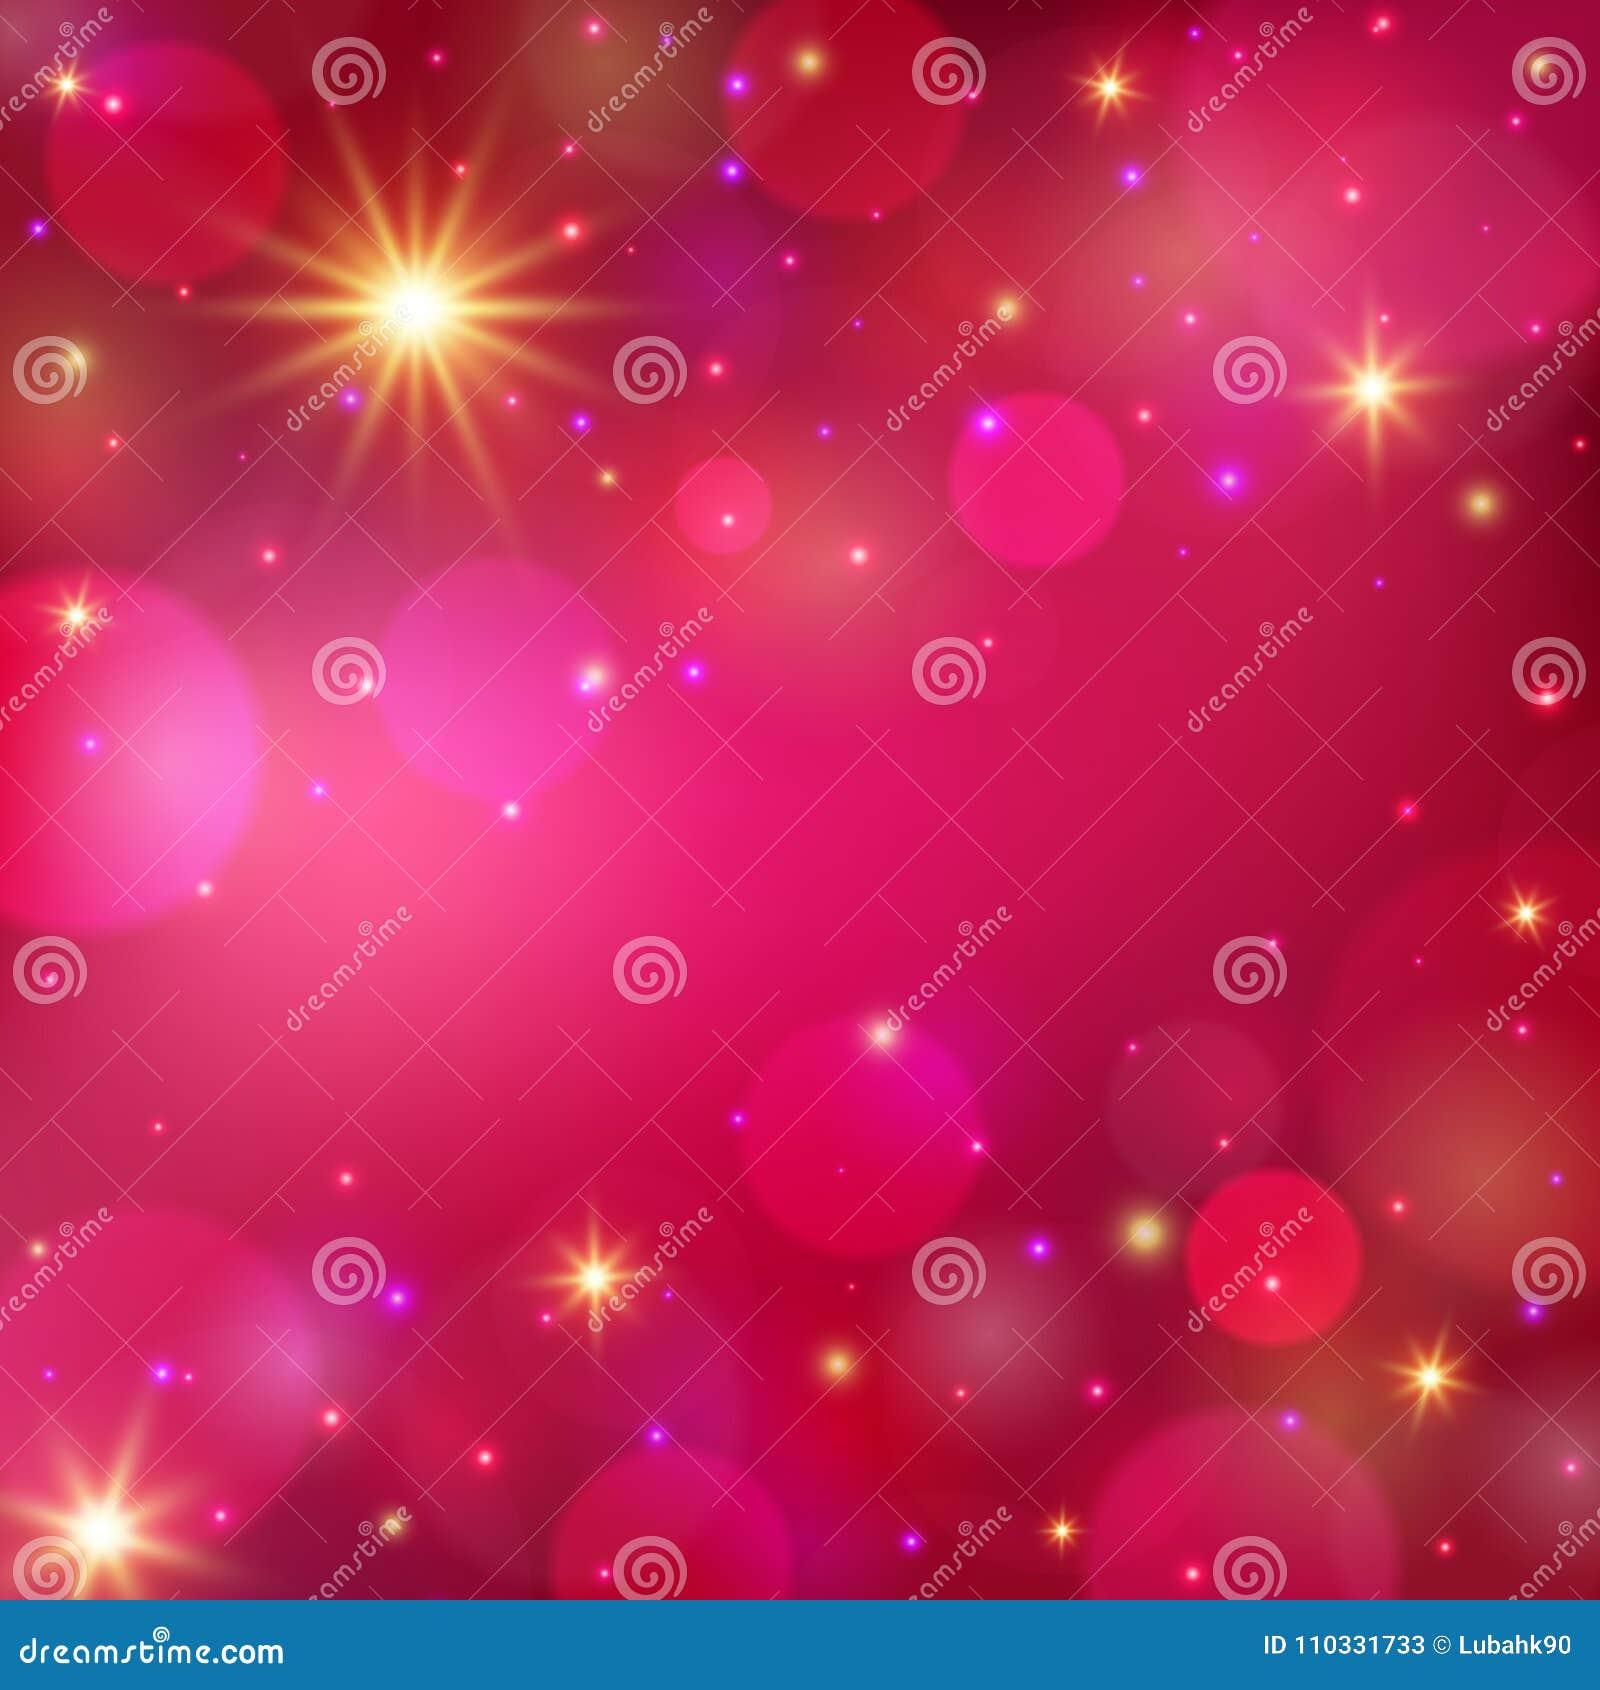 Fondo brillante mágico fondo romántico Ilustración del vector